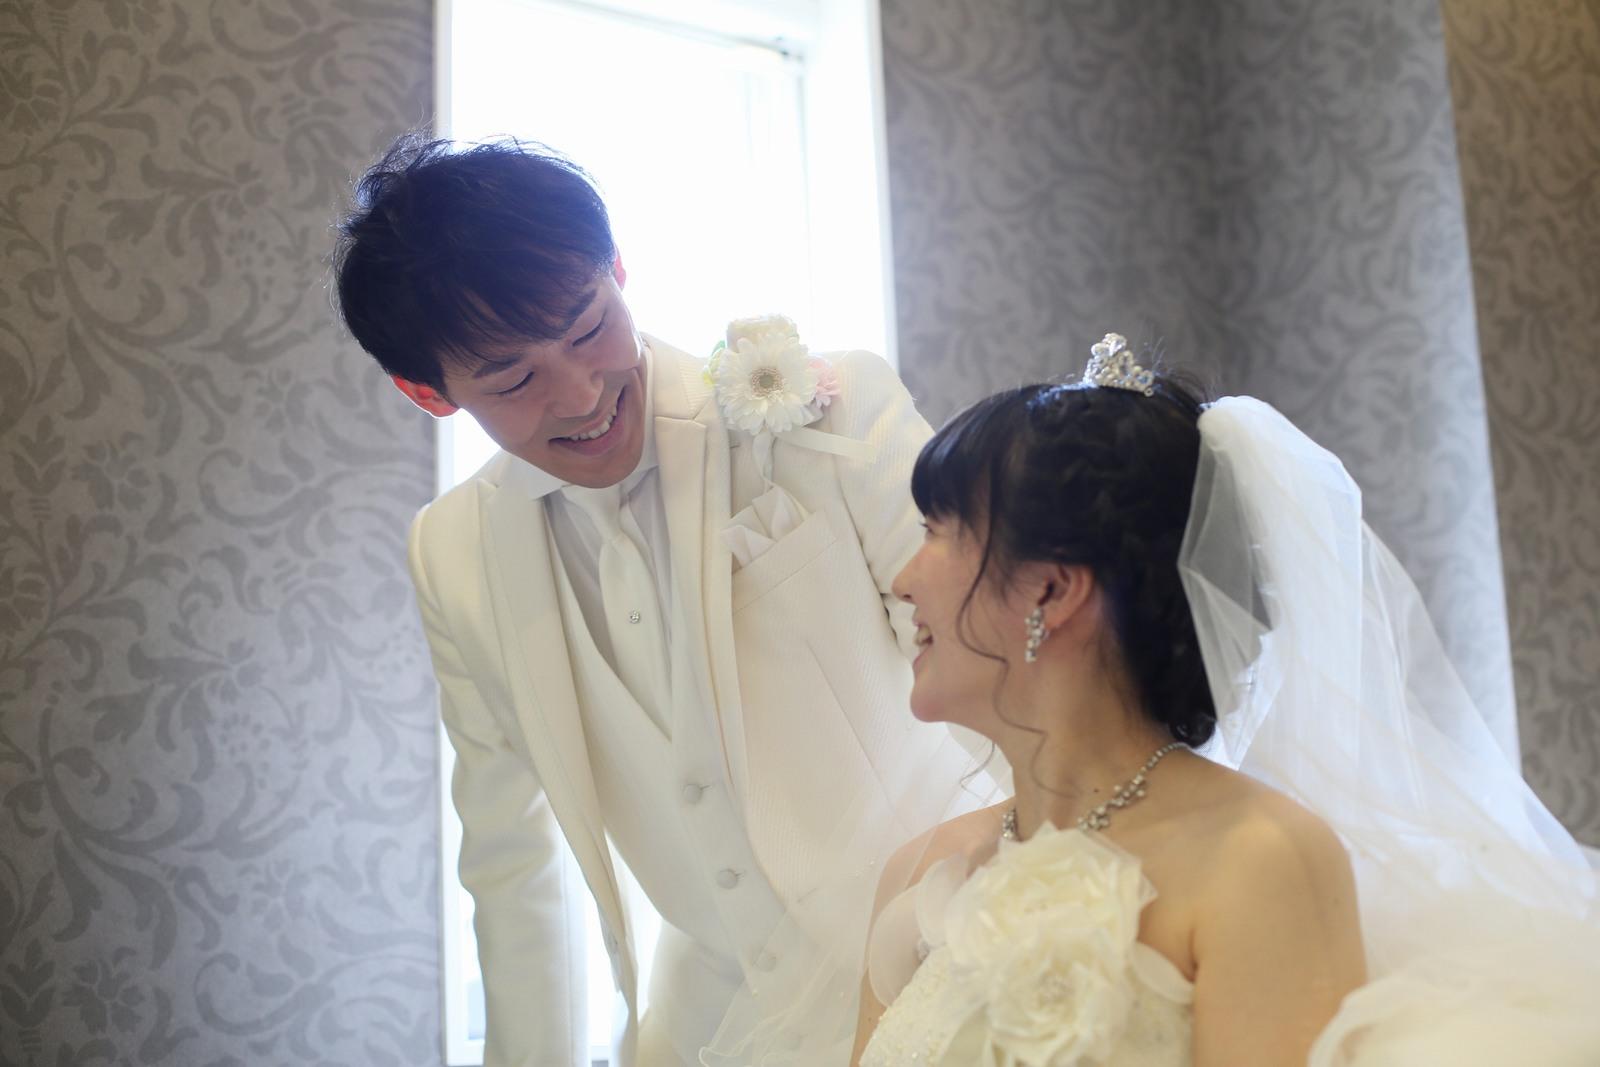 徳島市の結婚式場ブランアンジュで新郎新婦様の挙式前のリラックスシーン